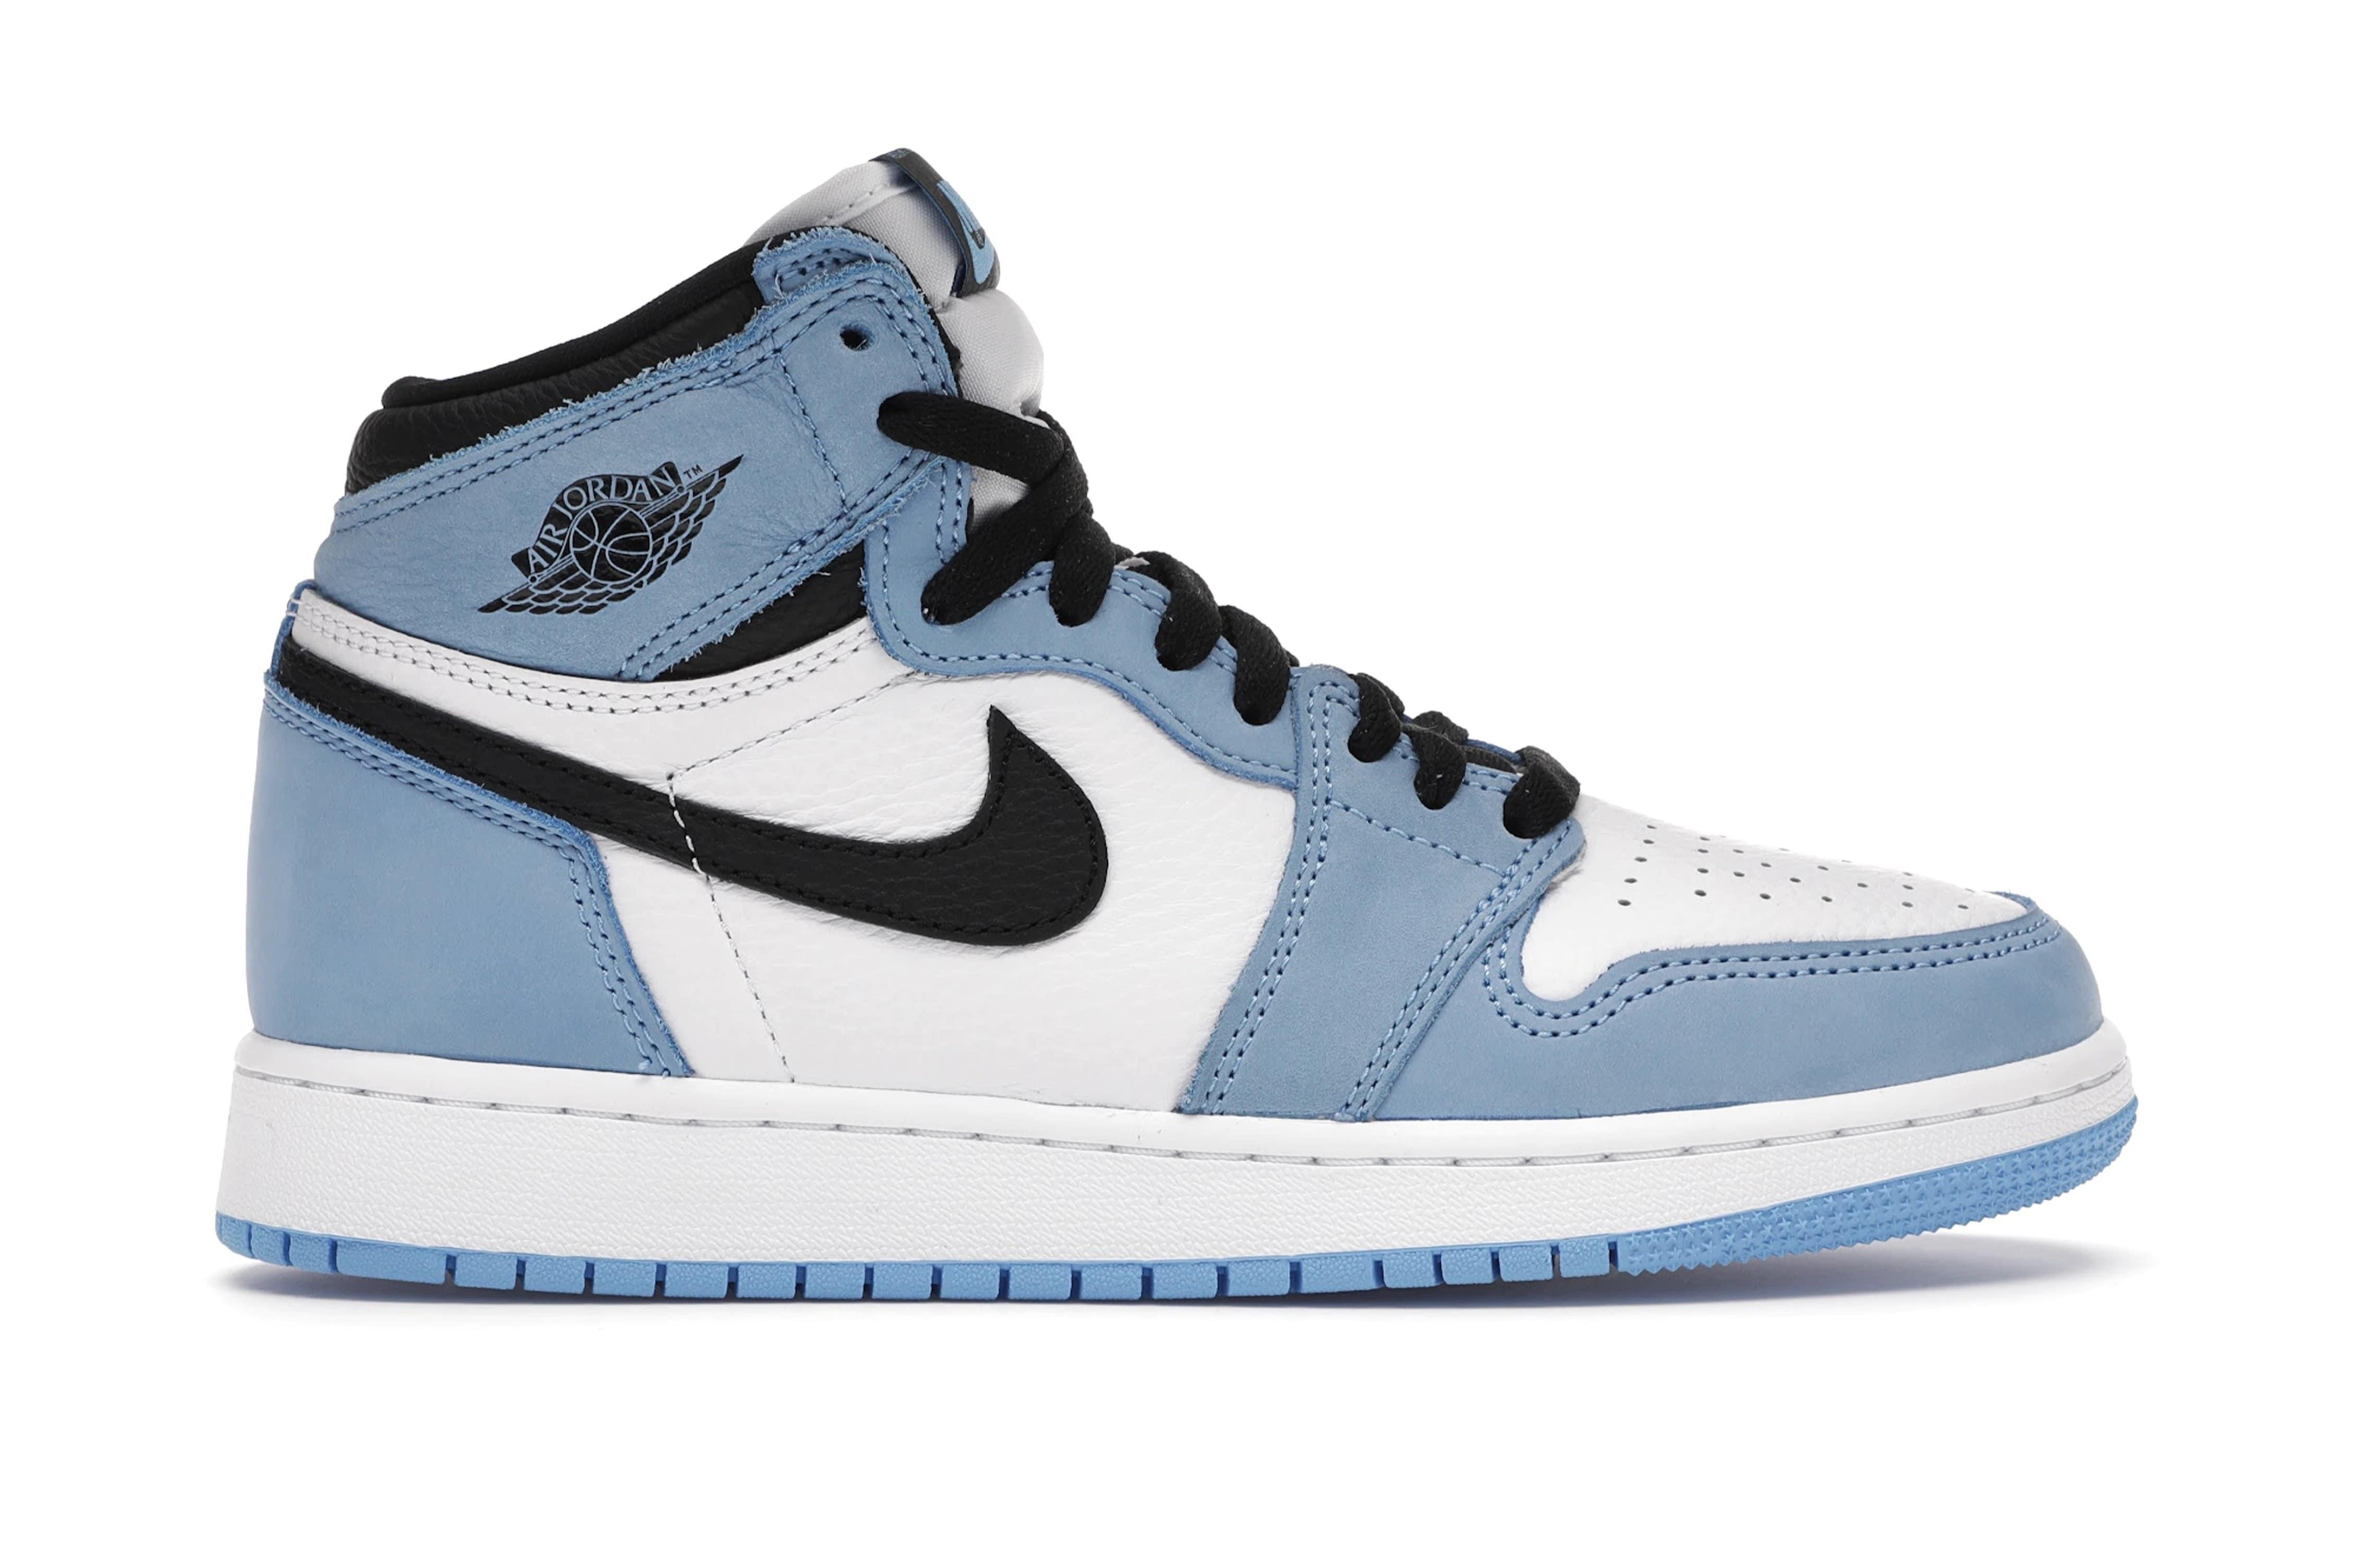 slide 1 - Jordan 1 Retro High White University Blue Black (GS)